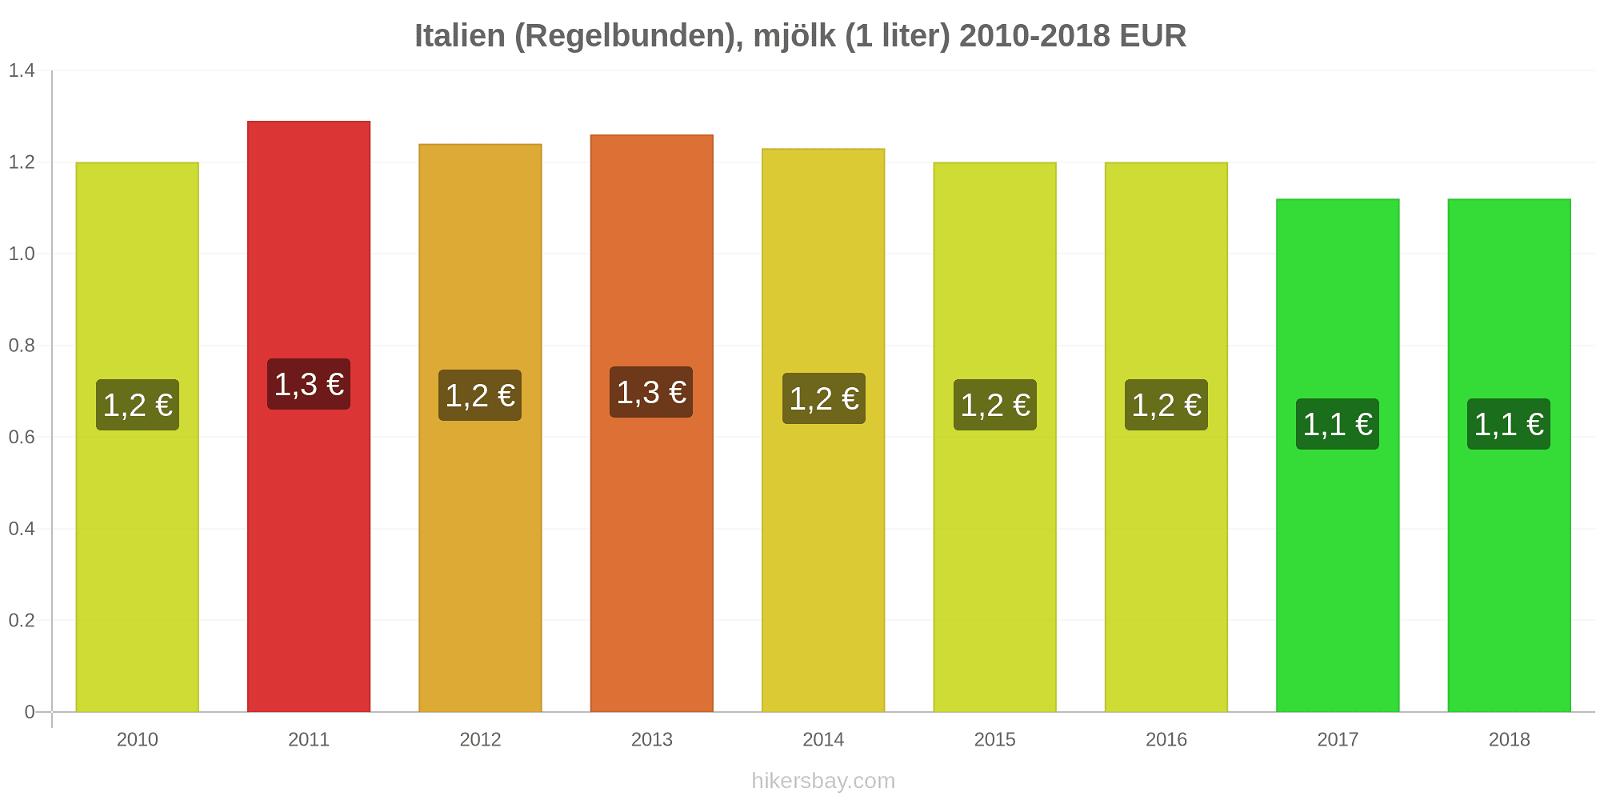 Italien prisförändringar (Regelbunden), mjölk (1 liter) hikersbay.com